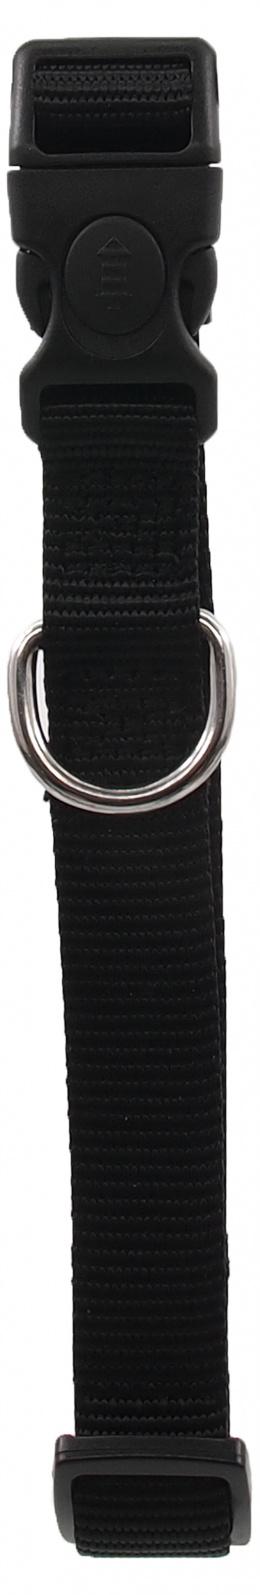 Ошейник - Dog Fantasy Classic M, 34-49cm, цвет - черный